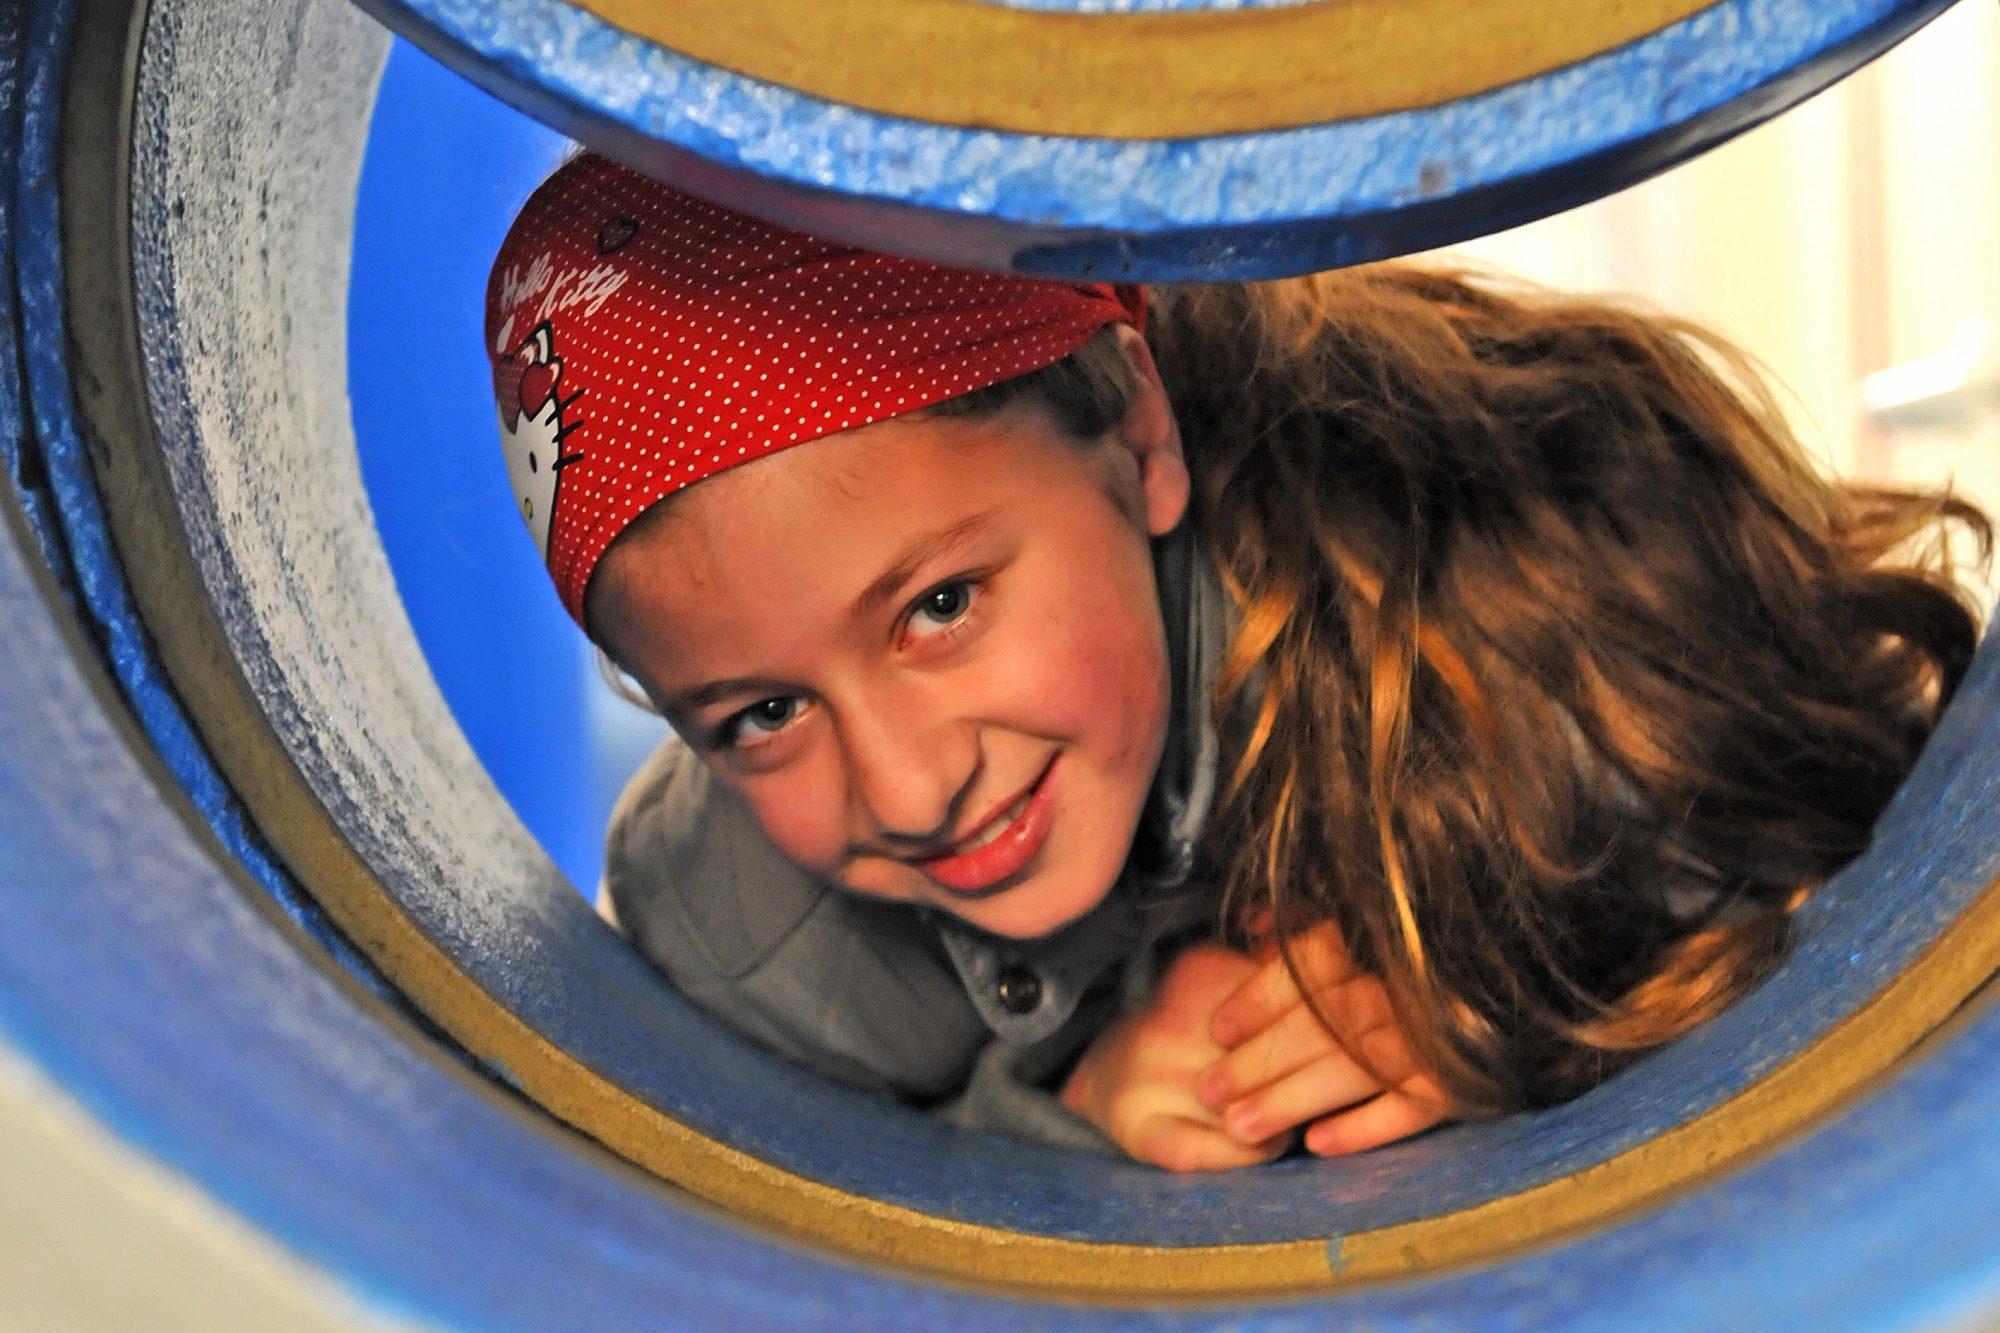 Ein Mädchen liegt in einer großen leeren Wasserleitung auf dem Bauch und schaut lächelnd aus dem Rohr.